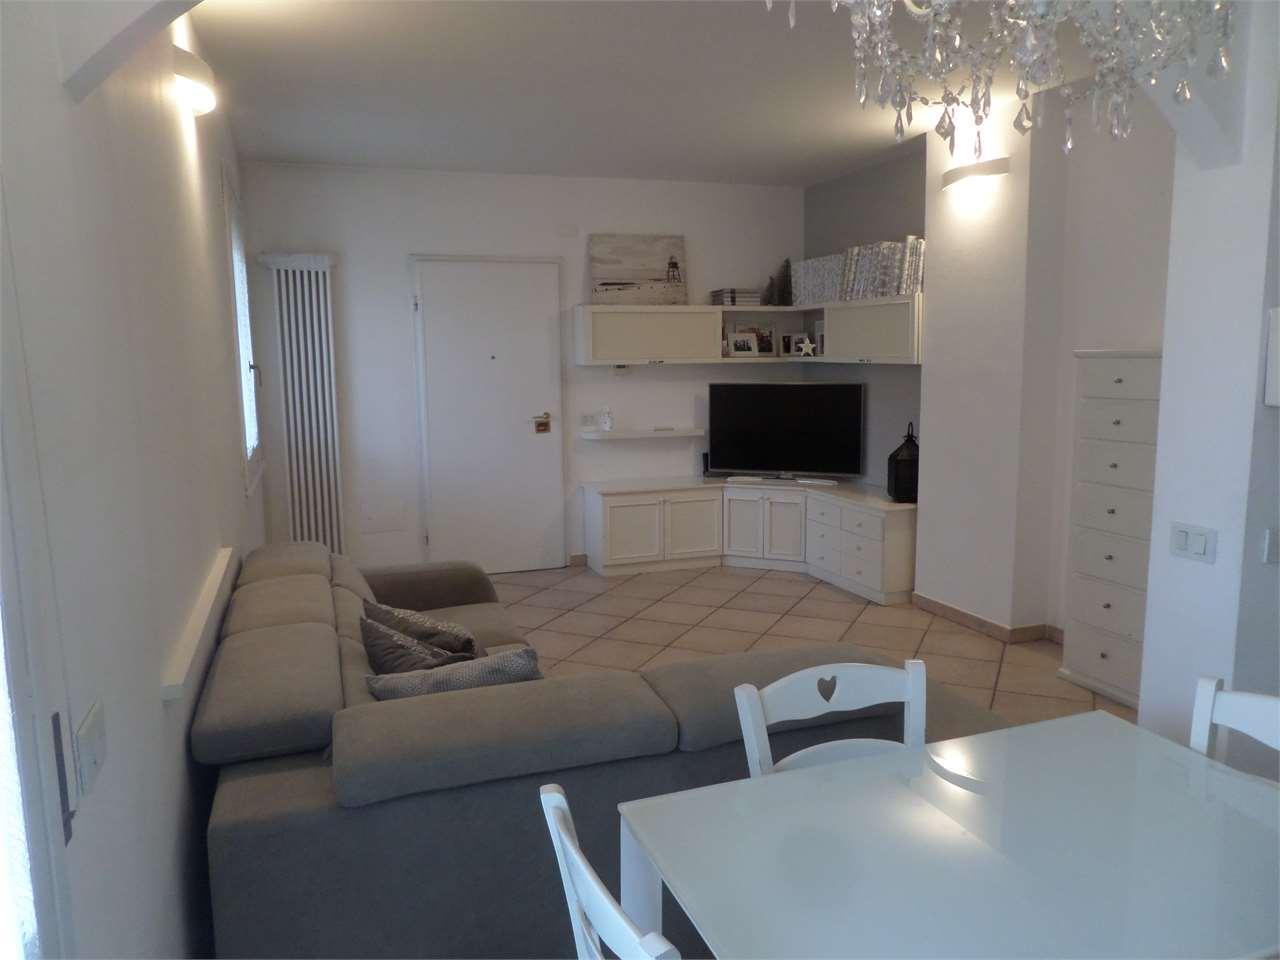 Appartamento in vendita a Ravenna, 4 locali, zona Zona: Fornace Zarattini, prezzo € 185.000 | CambioCasa.it